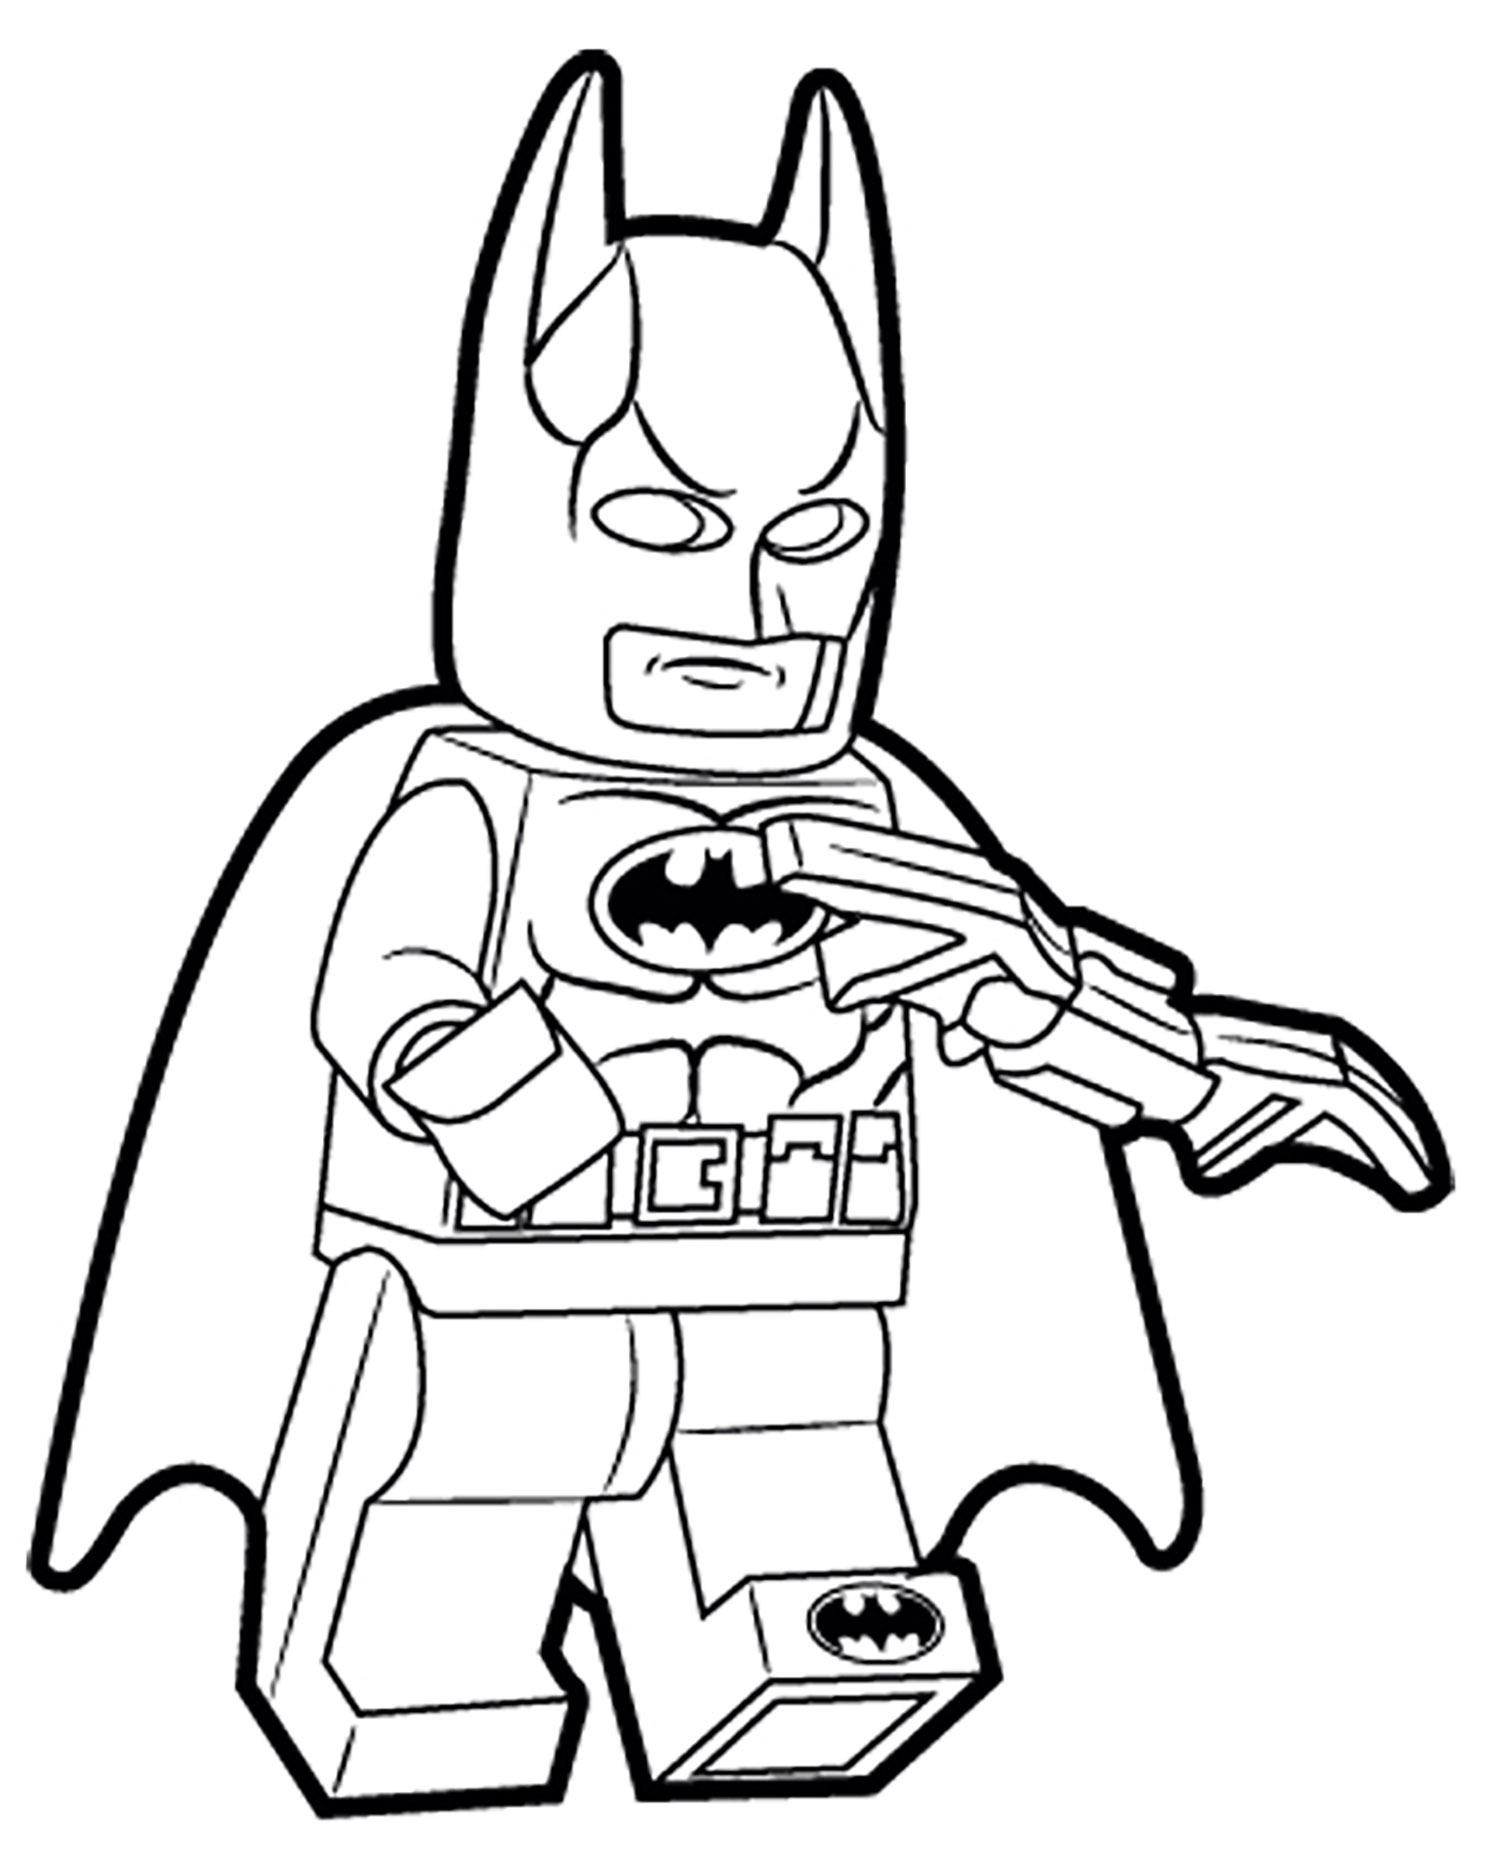 Coloriage de Lego Batman à colorier pour enfants